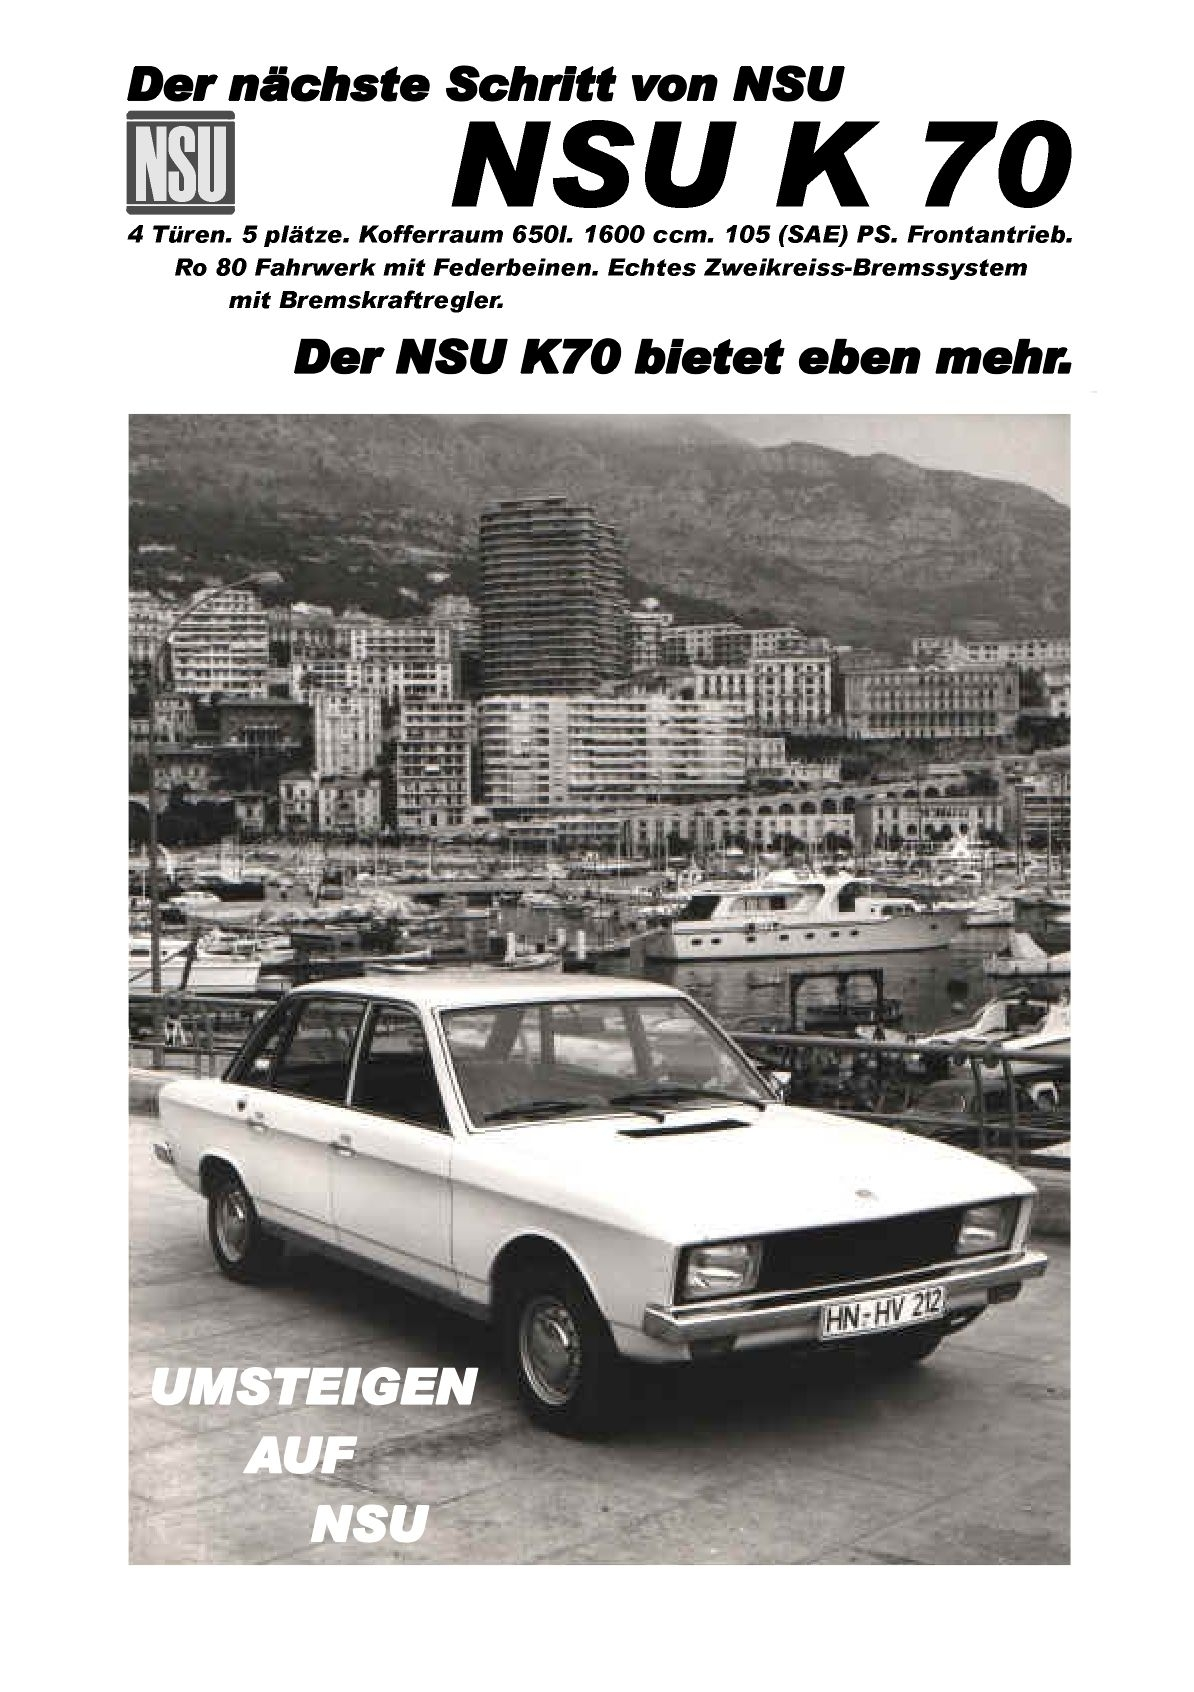 Les publicités NSU étaient prêtes !